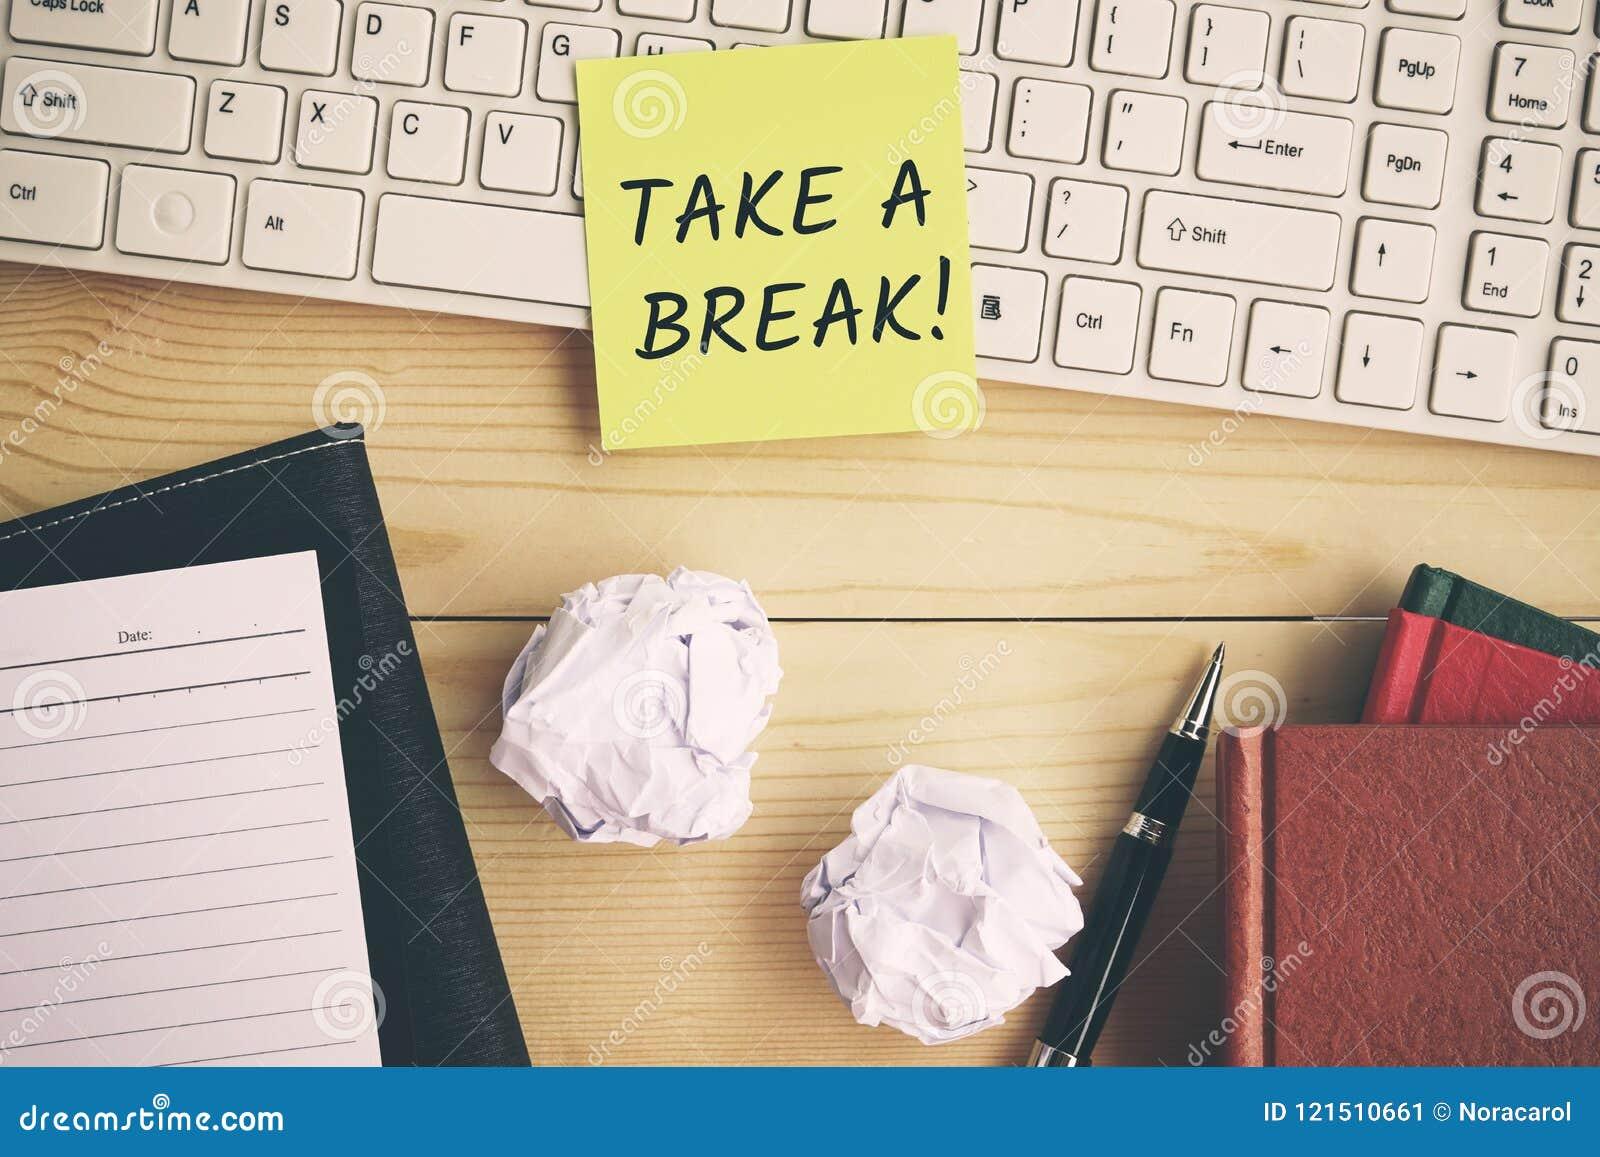 Take a break text on yellow paper